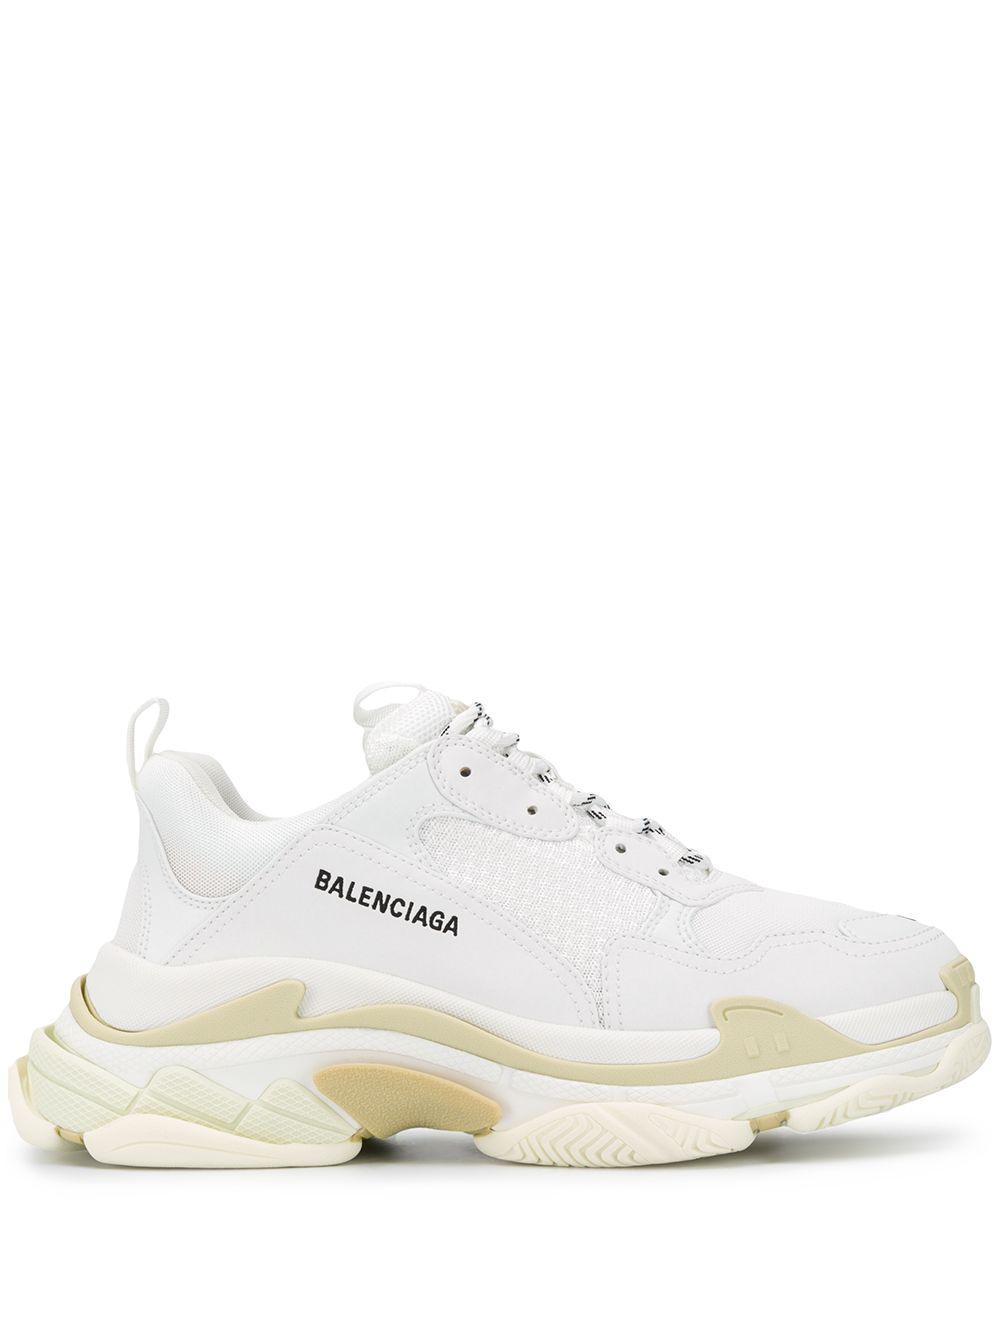 sneakers basse Triple S in pelle bianca con pannelli in rete e logo Balenciaga nero ricamato BALENCIAGA   Sneakers   534217-W2CA19000